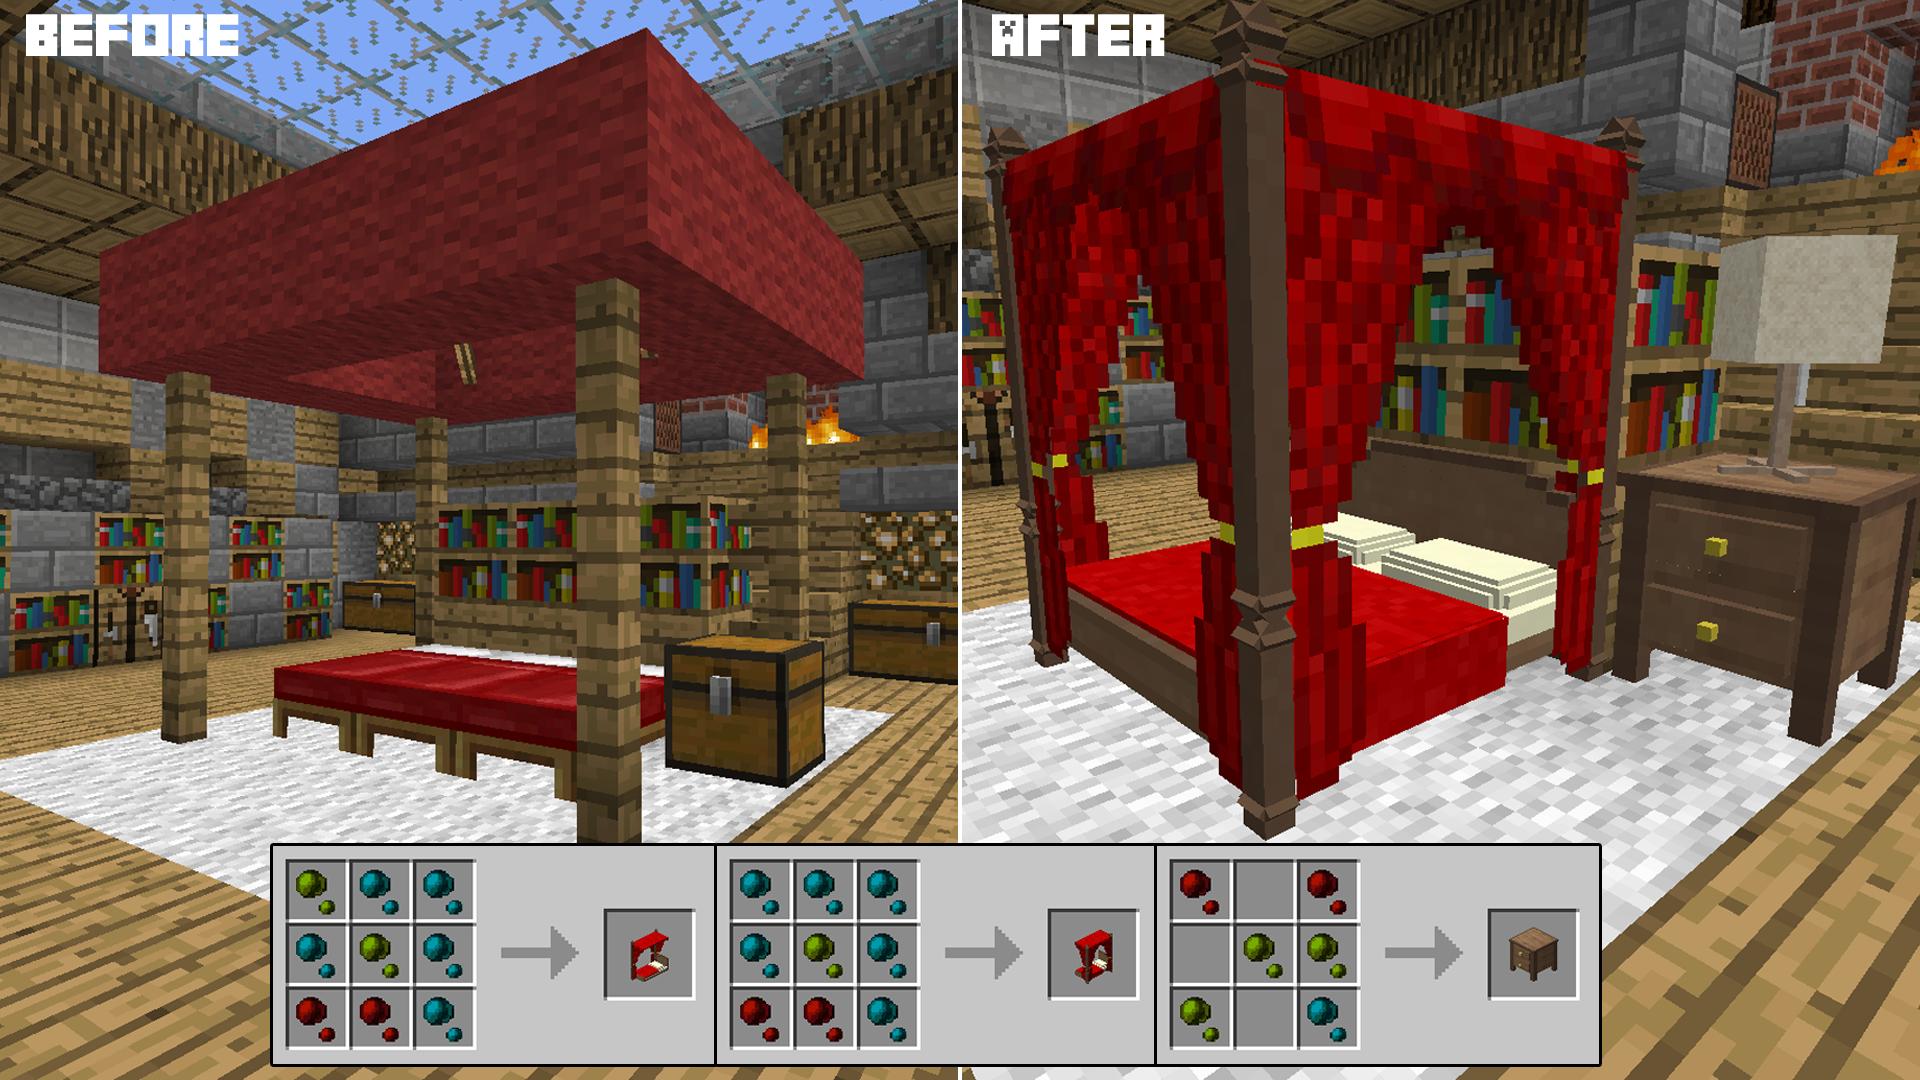 Bedrooms in minecraft